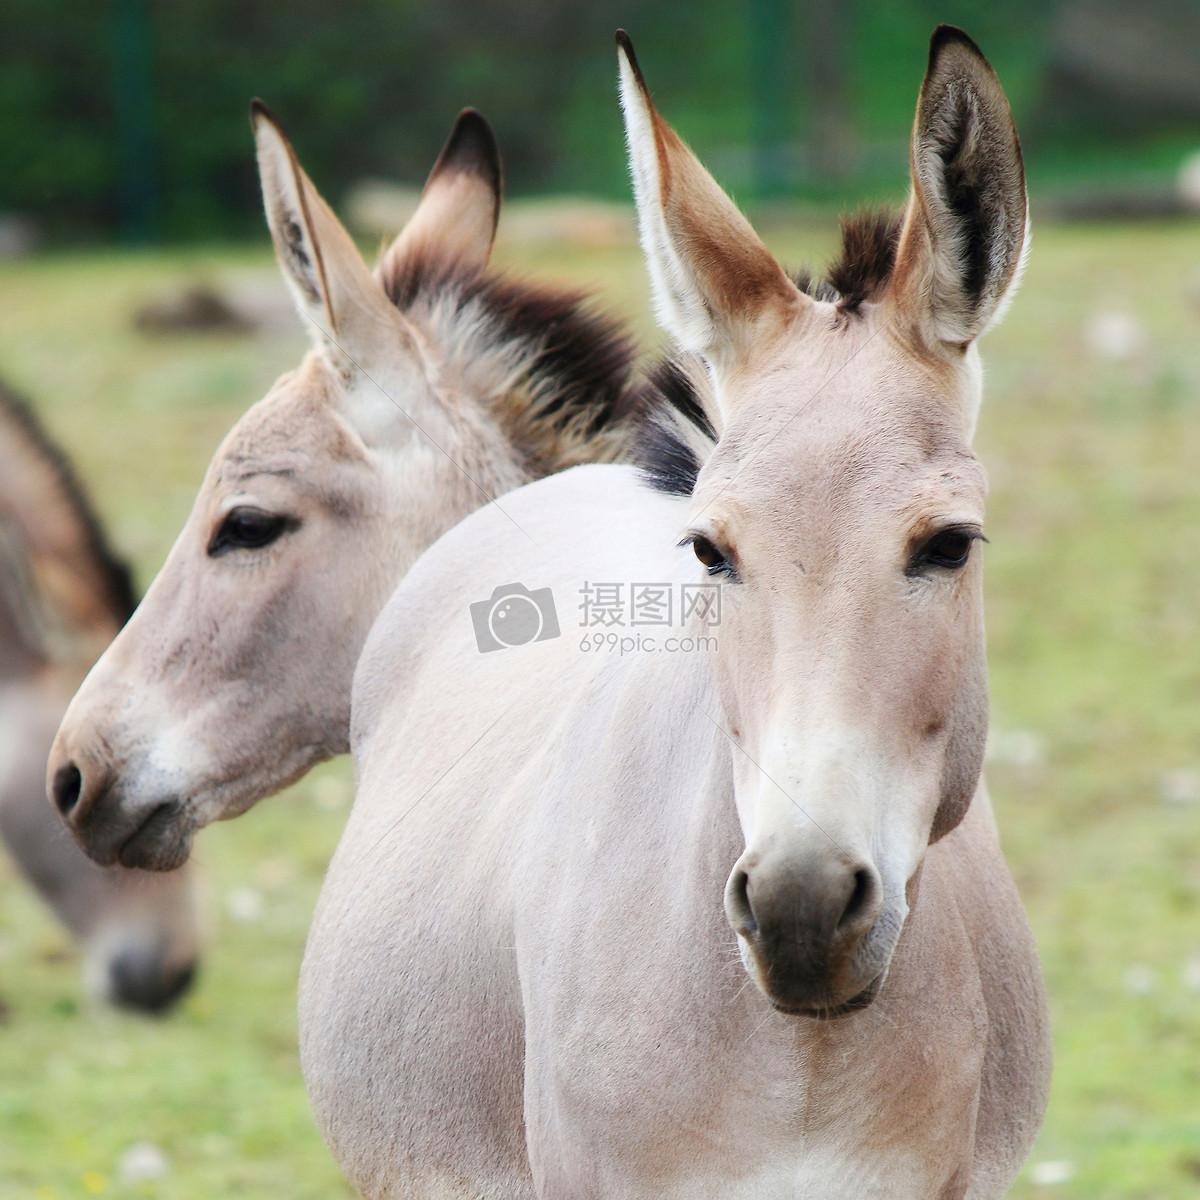 站着的动物摄影图片照片免费下载,正版图片编号,搜索